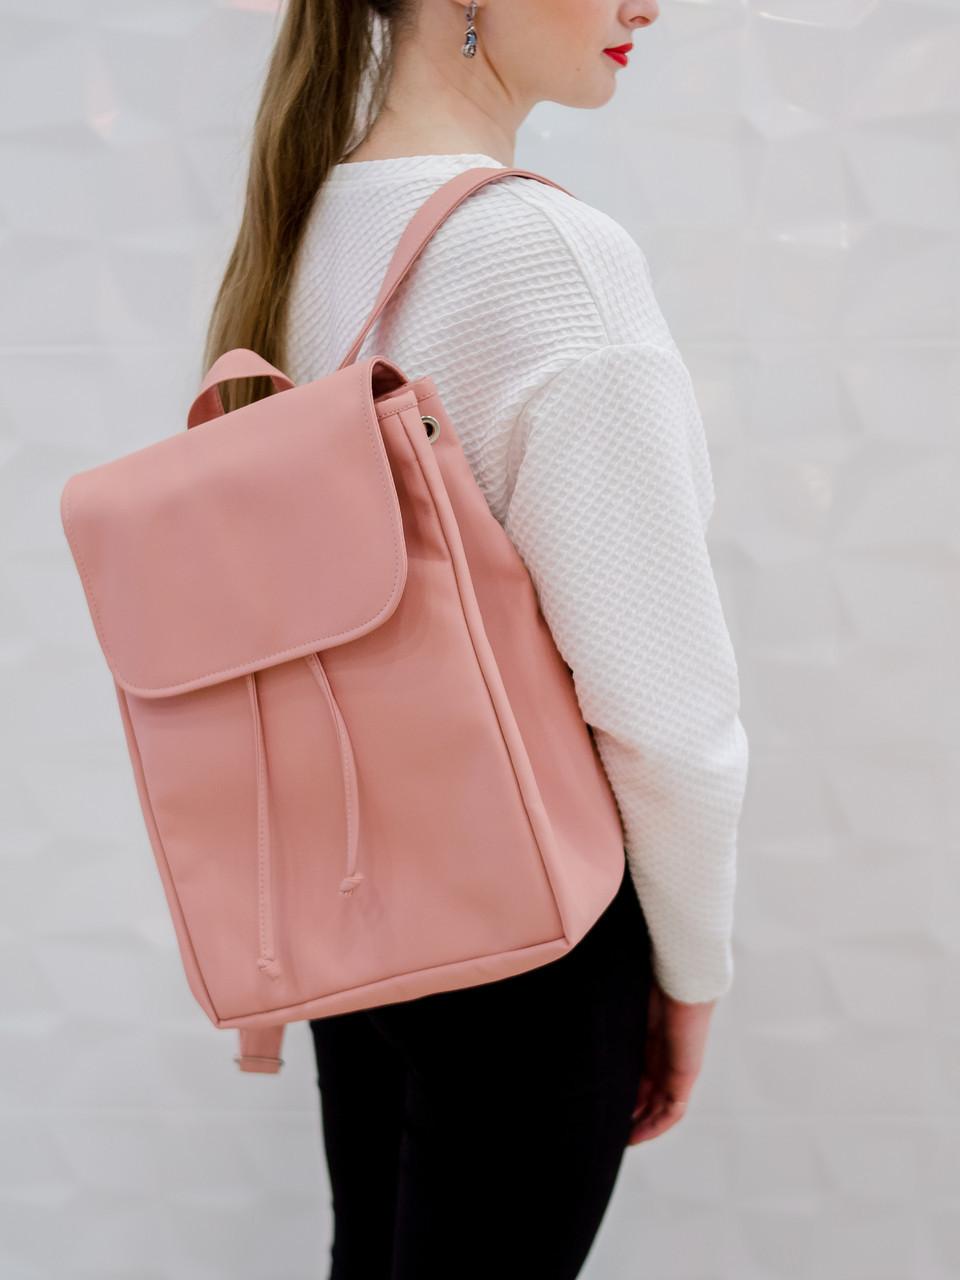 Женский рюкзак пудровый SamBag разные размеры 22400006 розовый эко-кожа